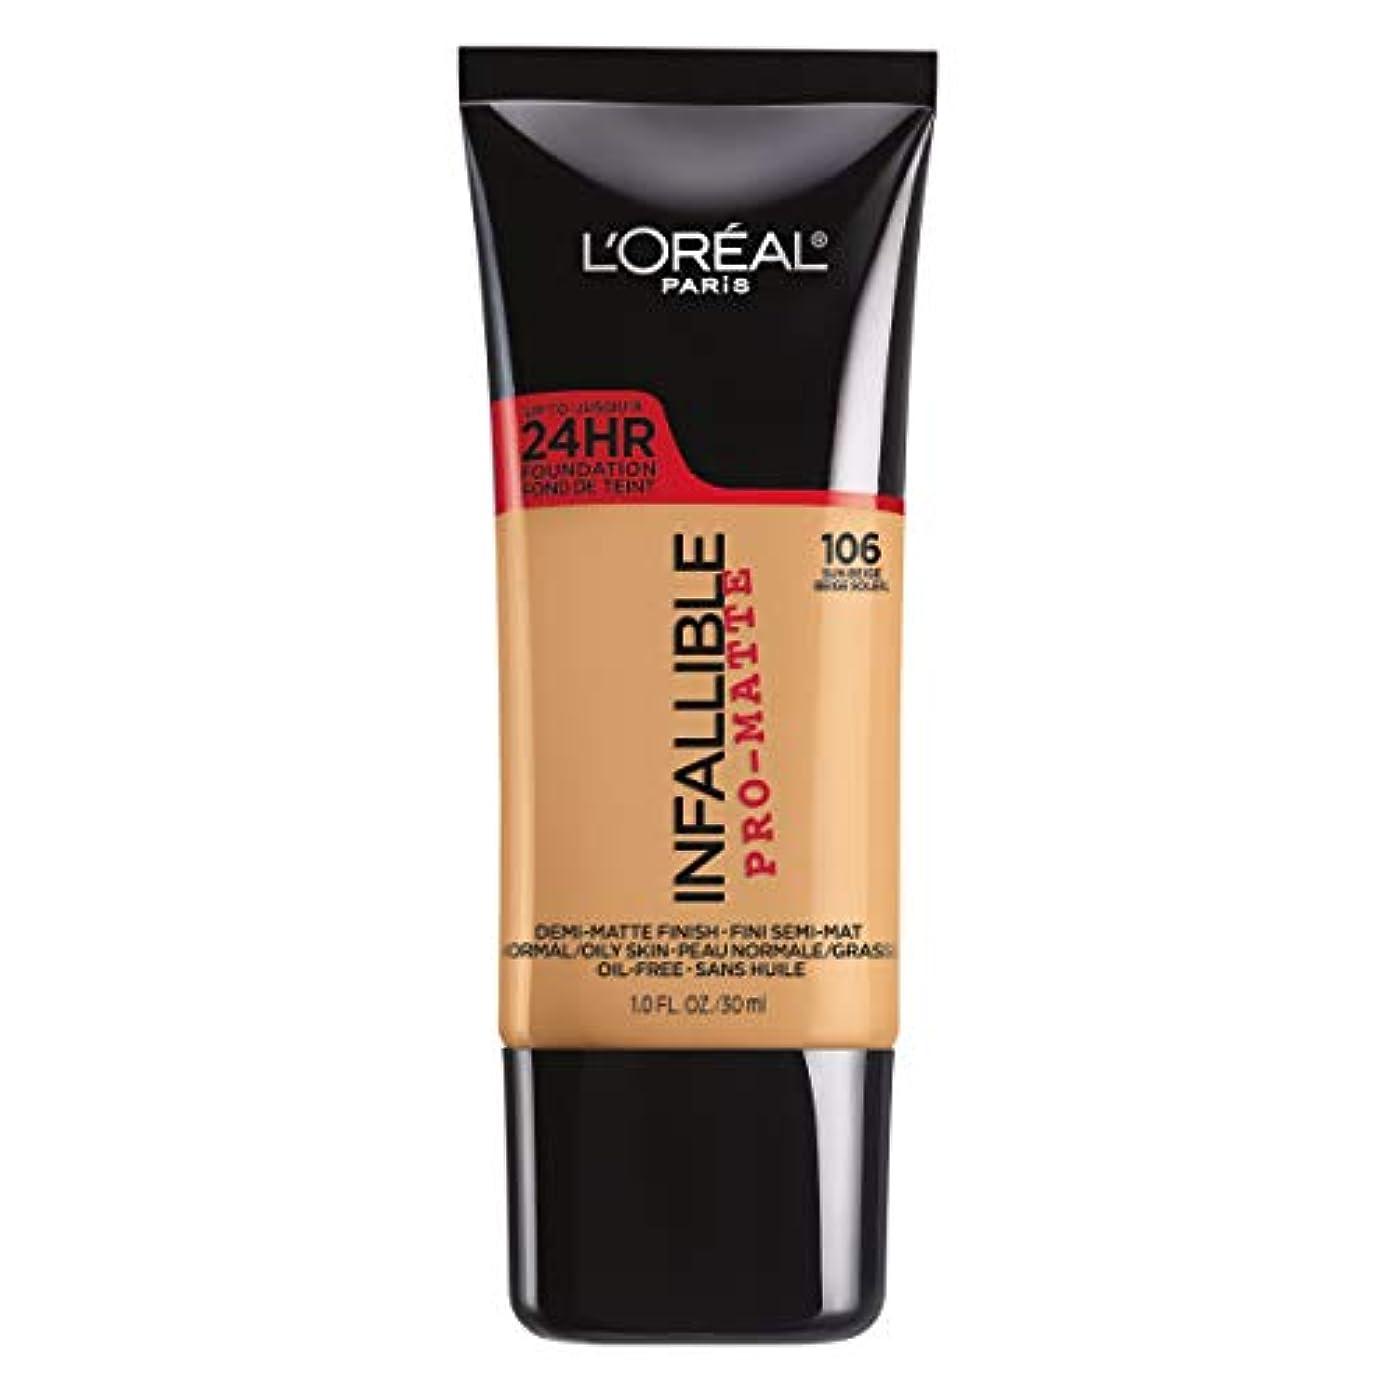 レーザ消化器マイナーL'Oreal Paris Infallible Pro-Matte Foundation Makeup, 106 Sun Beige, 1 fl. oz[並行輸入品]